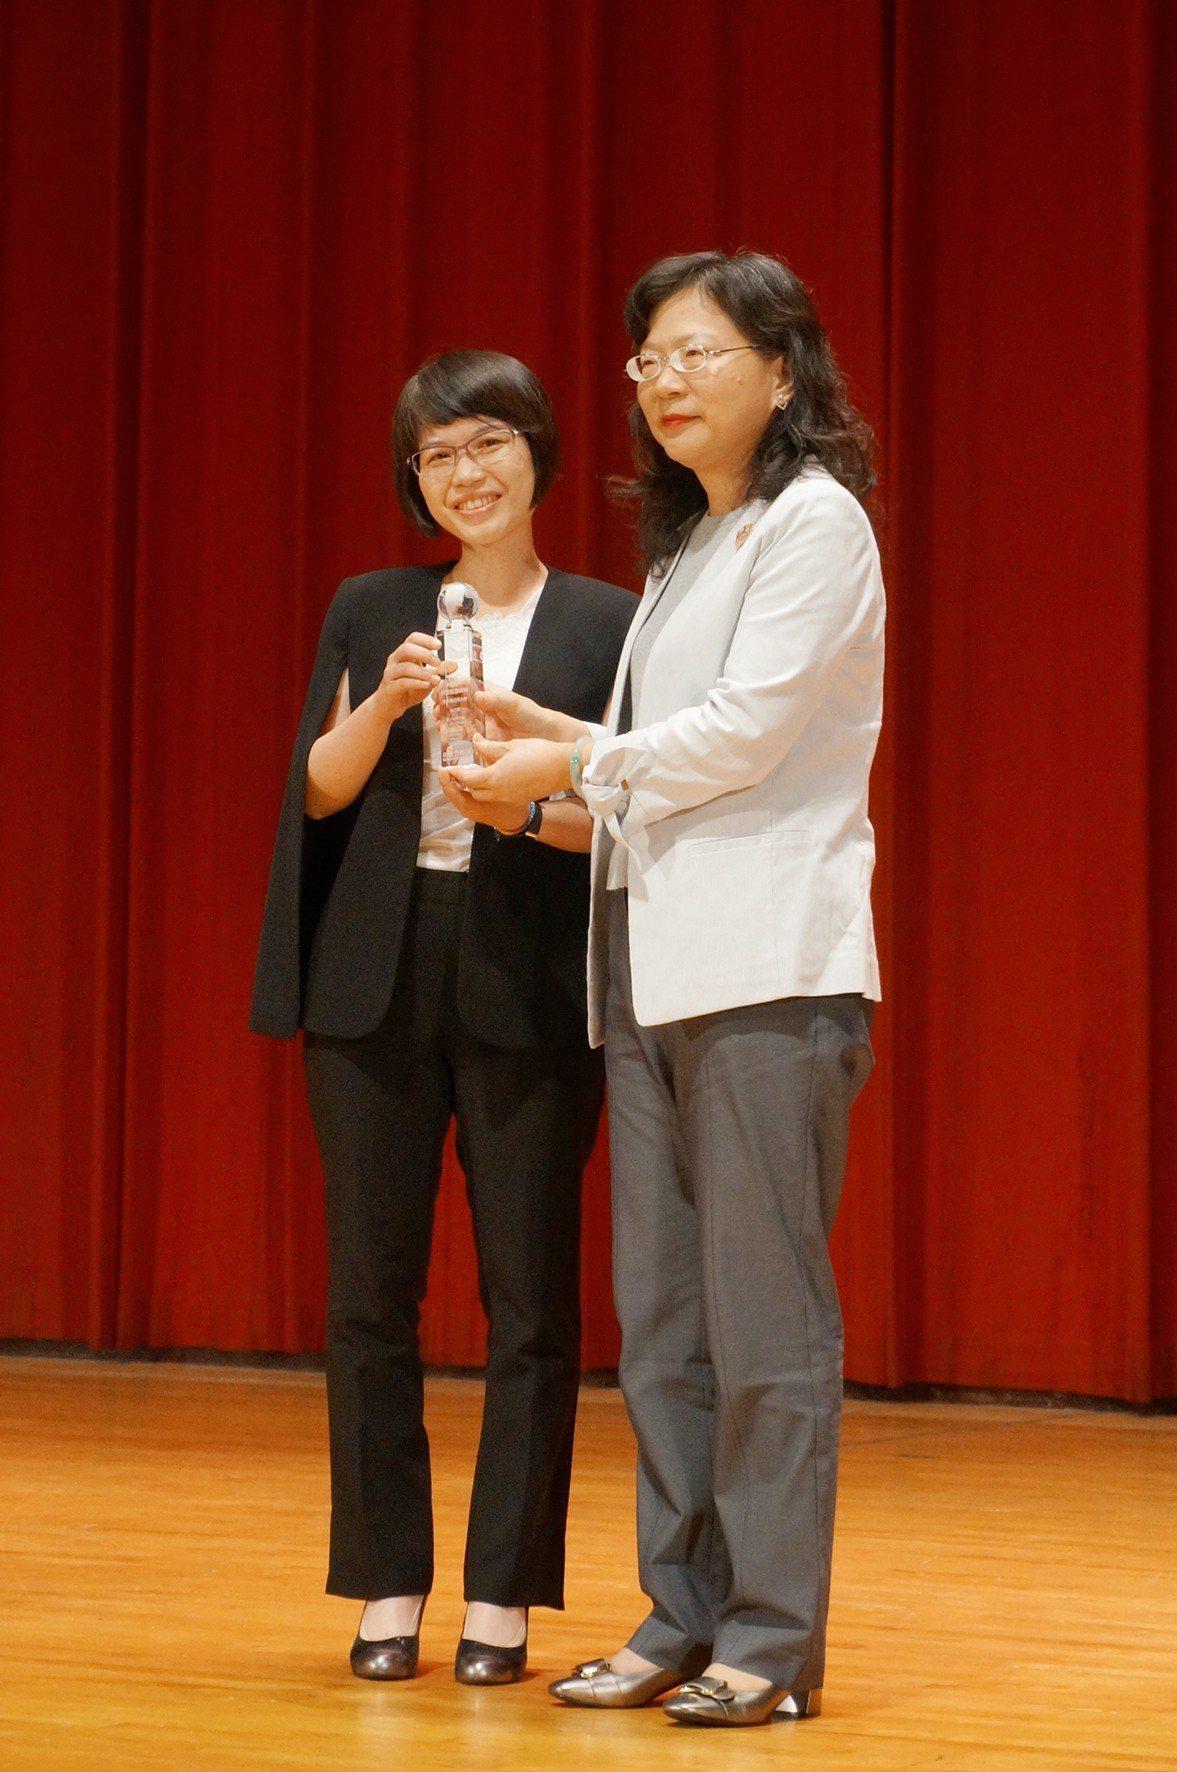 康健人壽客戶價值發展部副總經理陳碧玉(左)出席領獎。圖/康健人壽提供